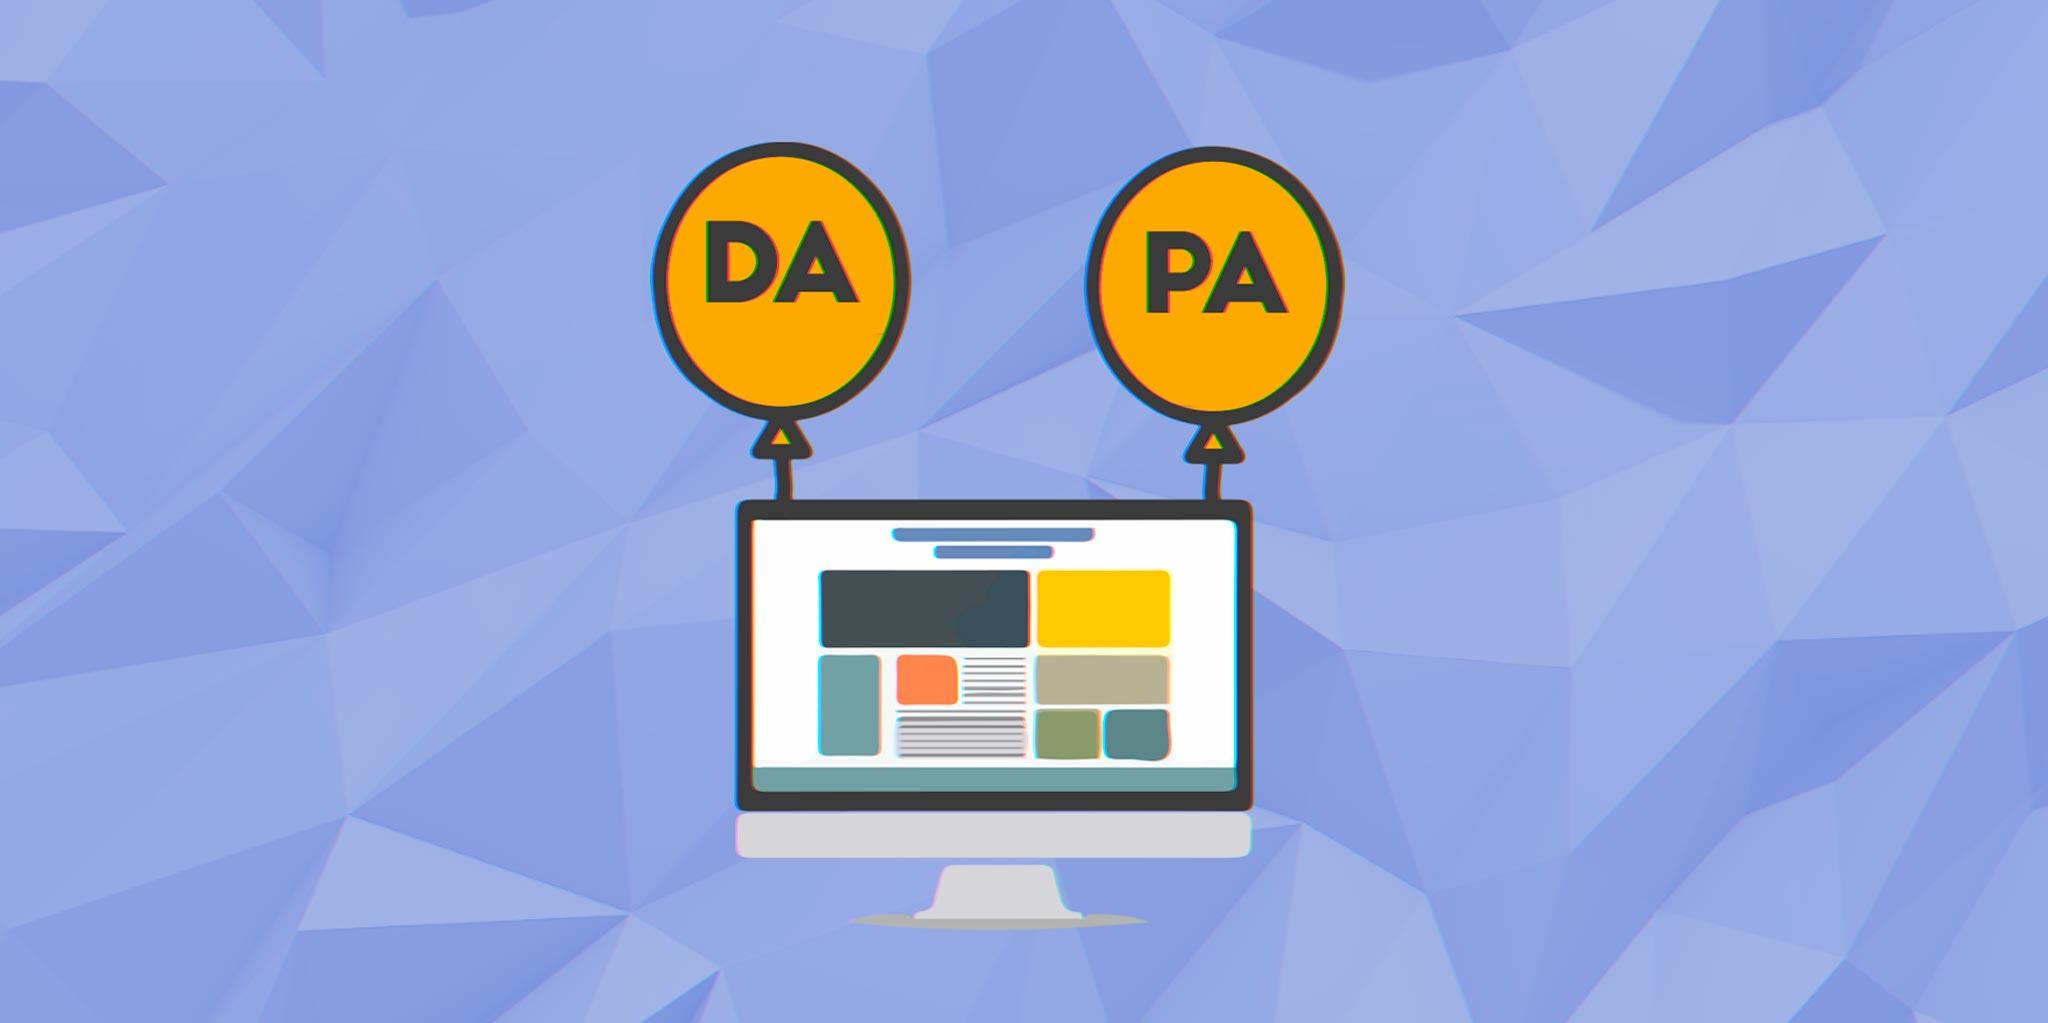 چه تفاوتی بین page authority و Domain authority وجود دارد؟